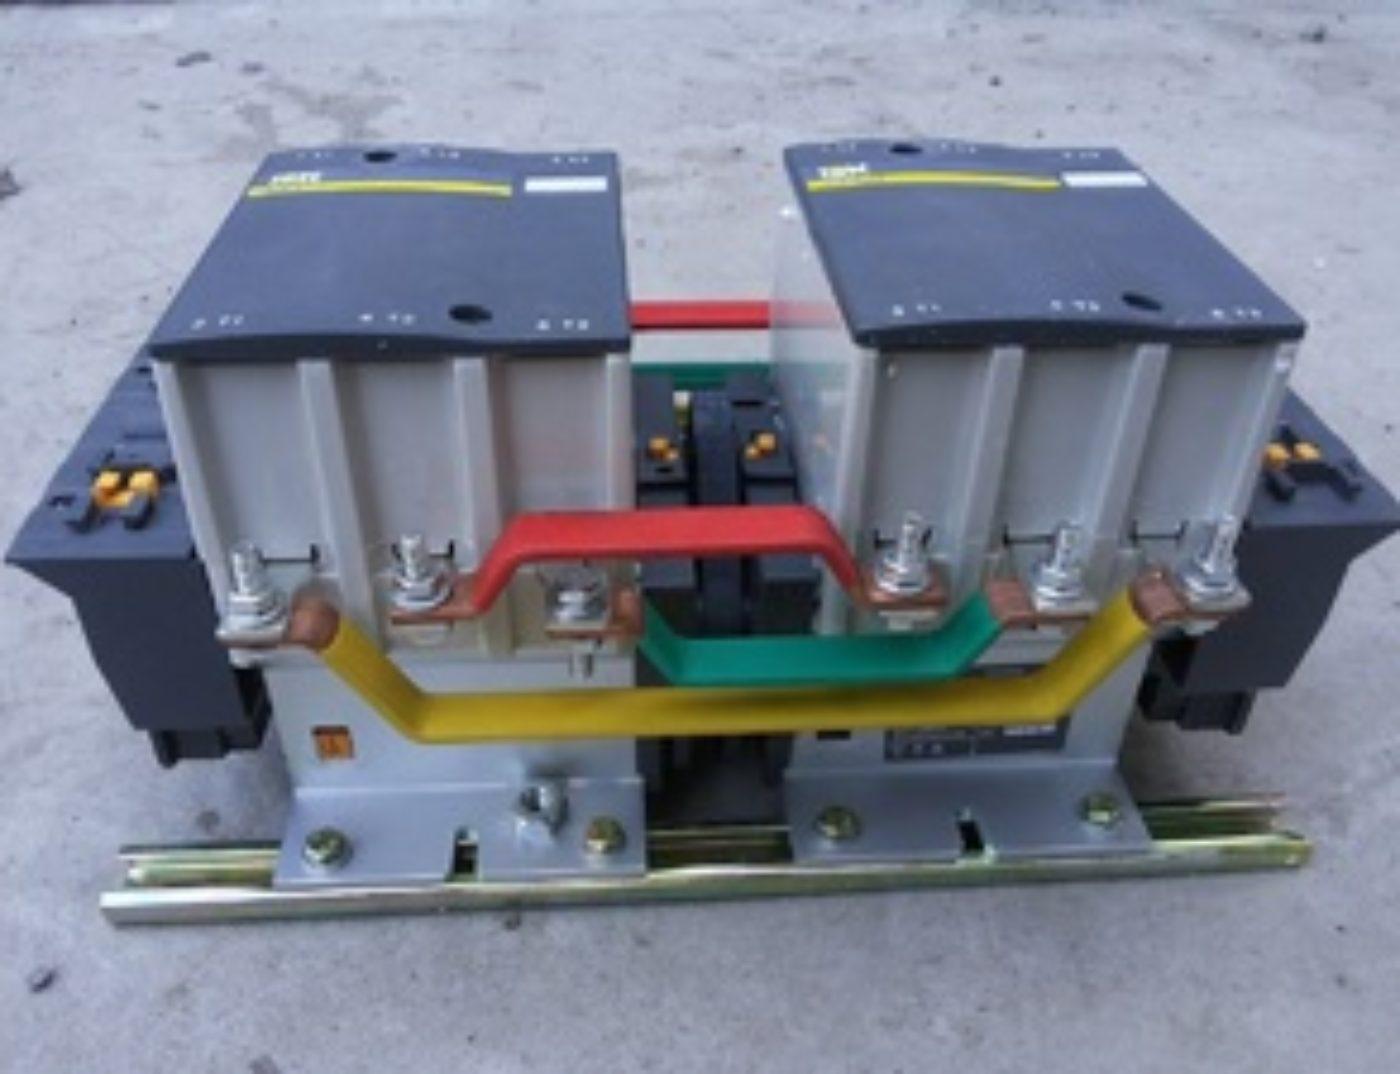 Электромагнитный реверсивный пускатель: виды устройств и принцип работы